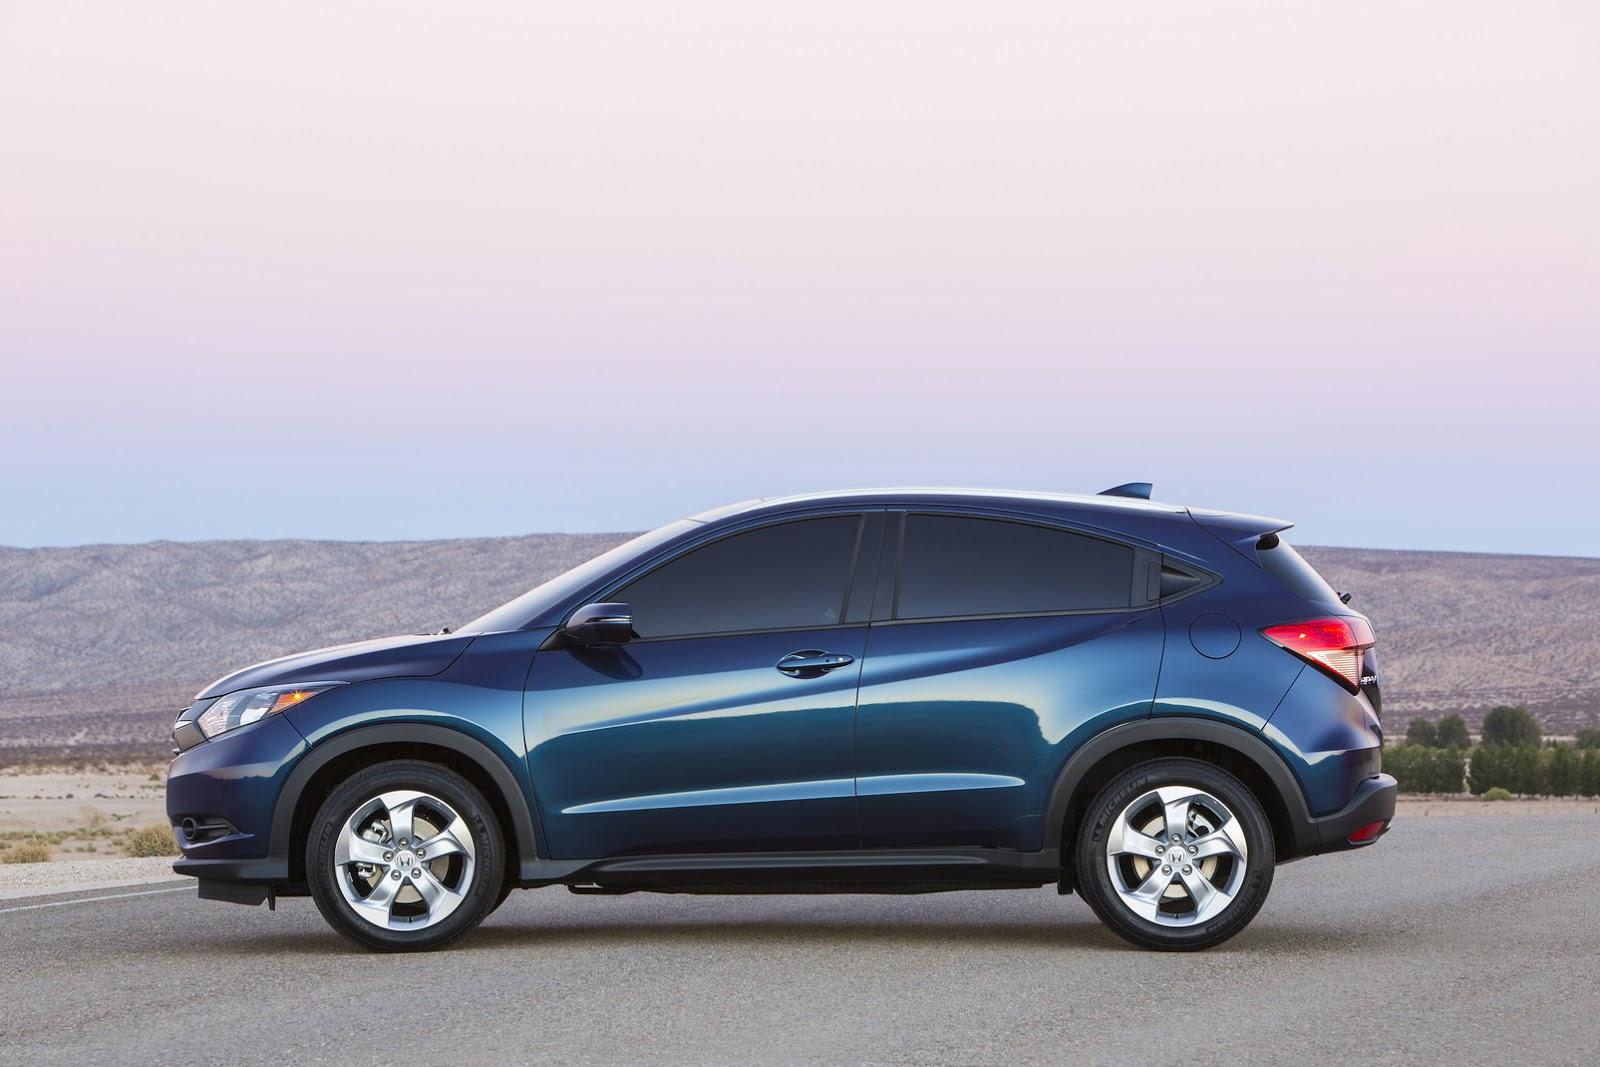 New 2016 Honda Hr V Enters Small Crossover Segment Gets A